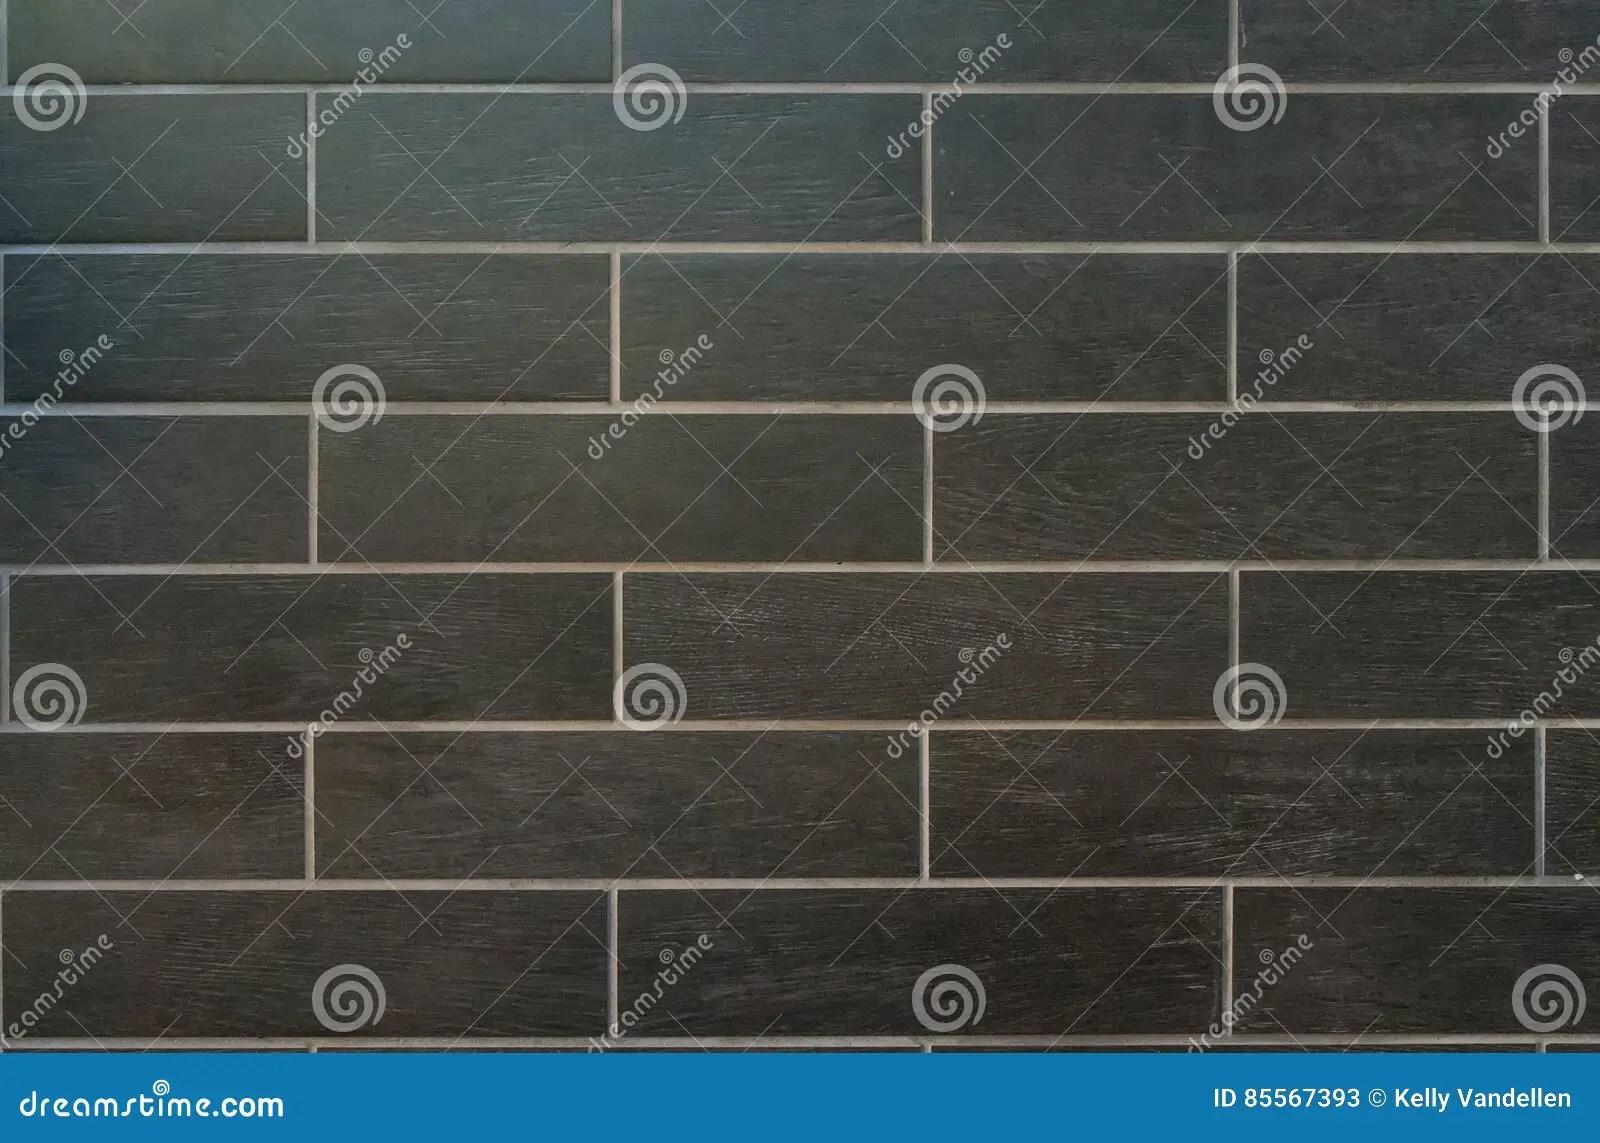 cement tile kitchen island lighting ideas 有白色水泥的长的灰色瓦片库存图片 图片包括有长期 背包 黑暗 厨房 有白色水泥和木五谷结束的长的灰色瓦片